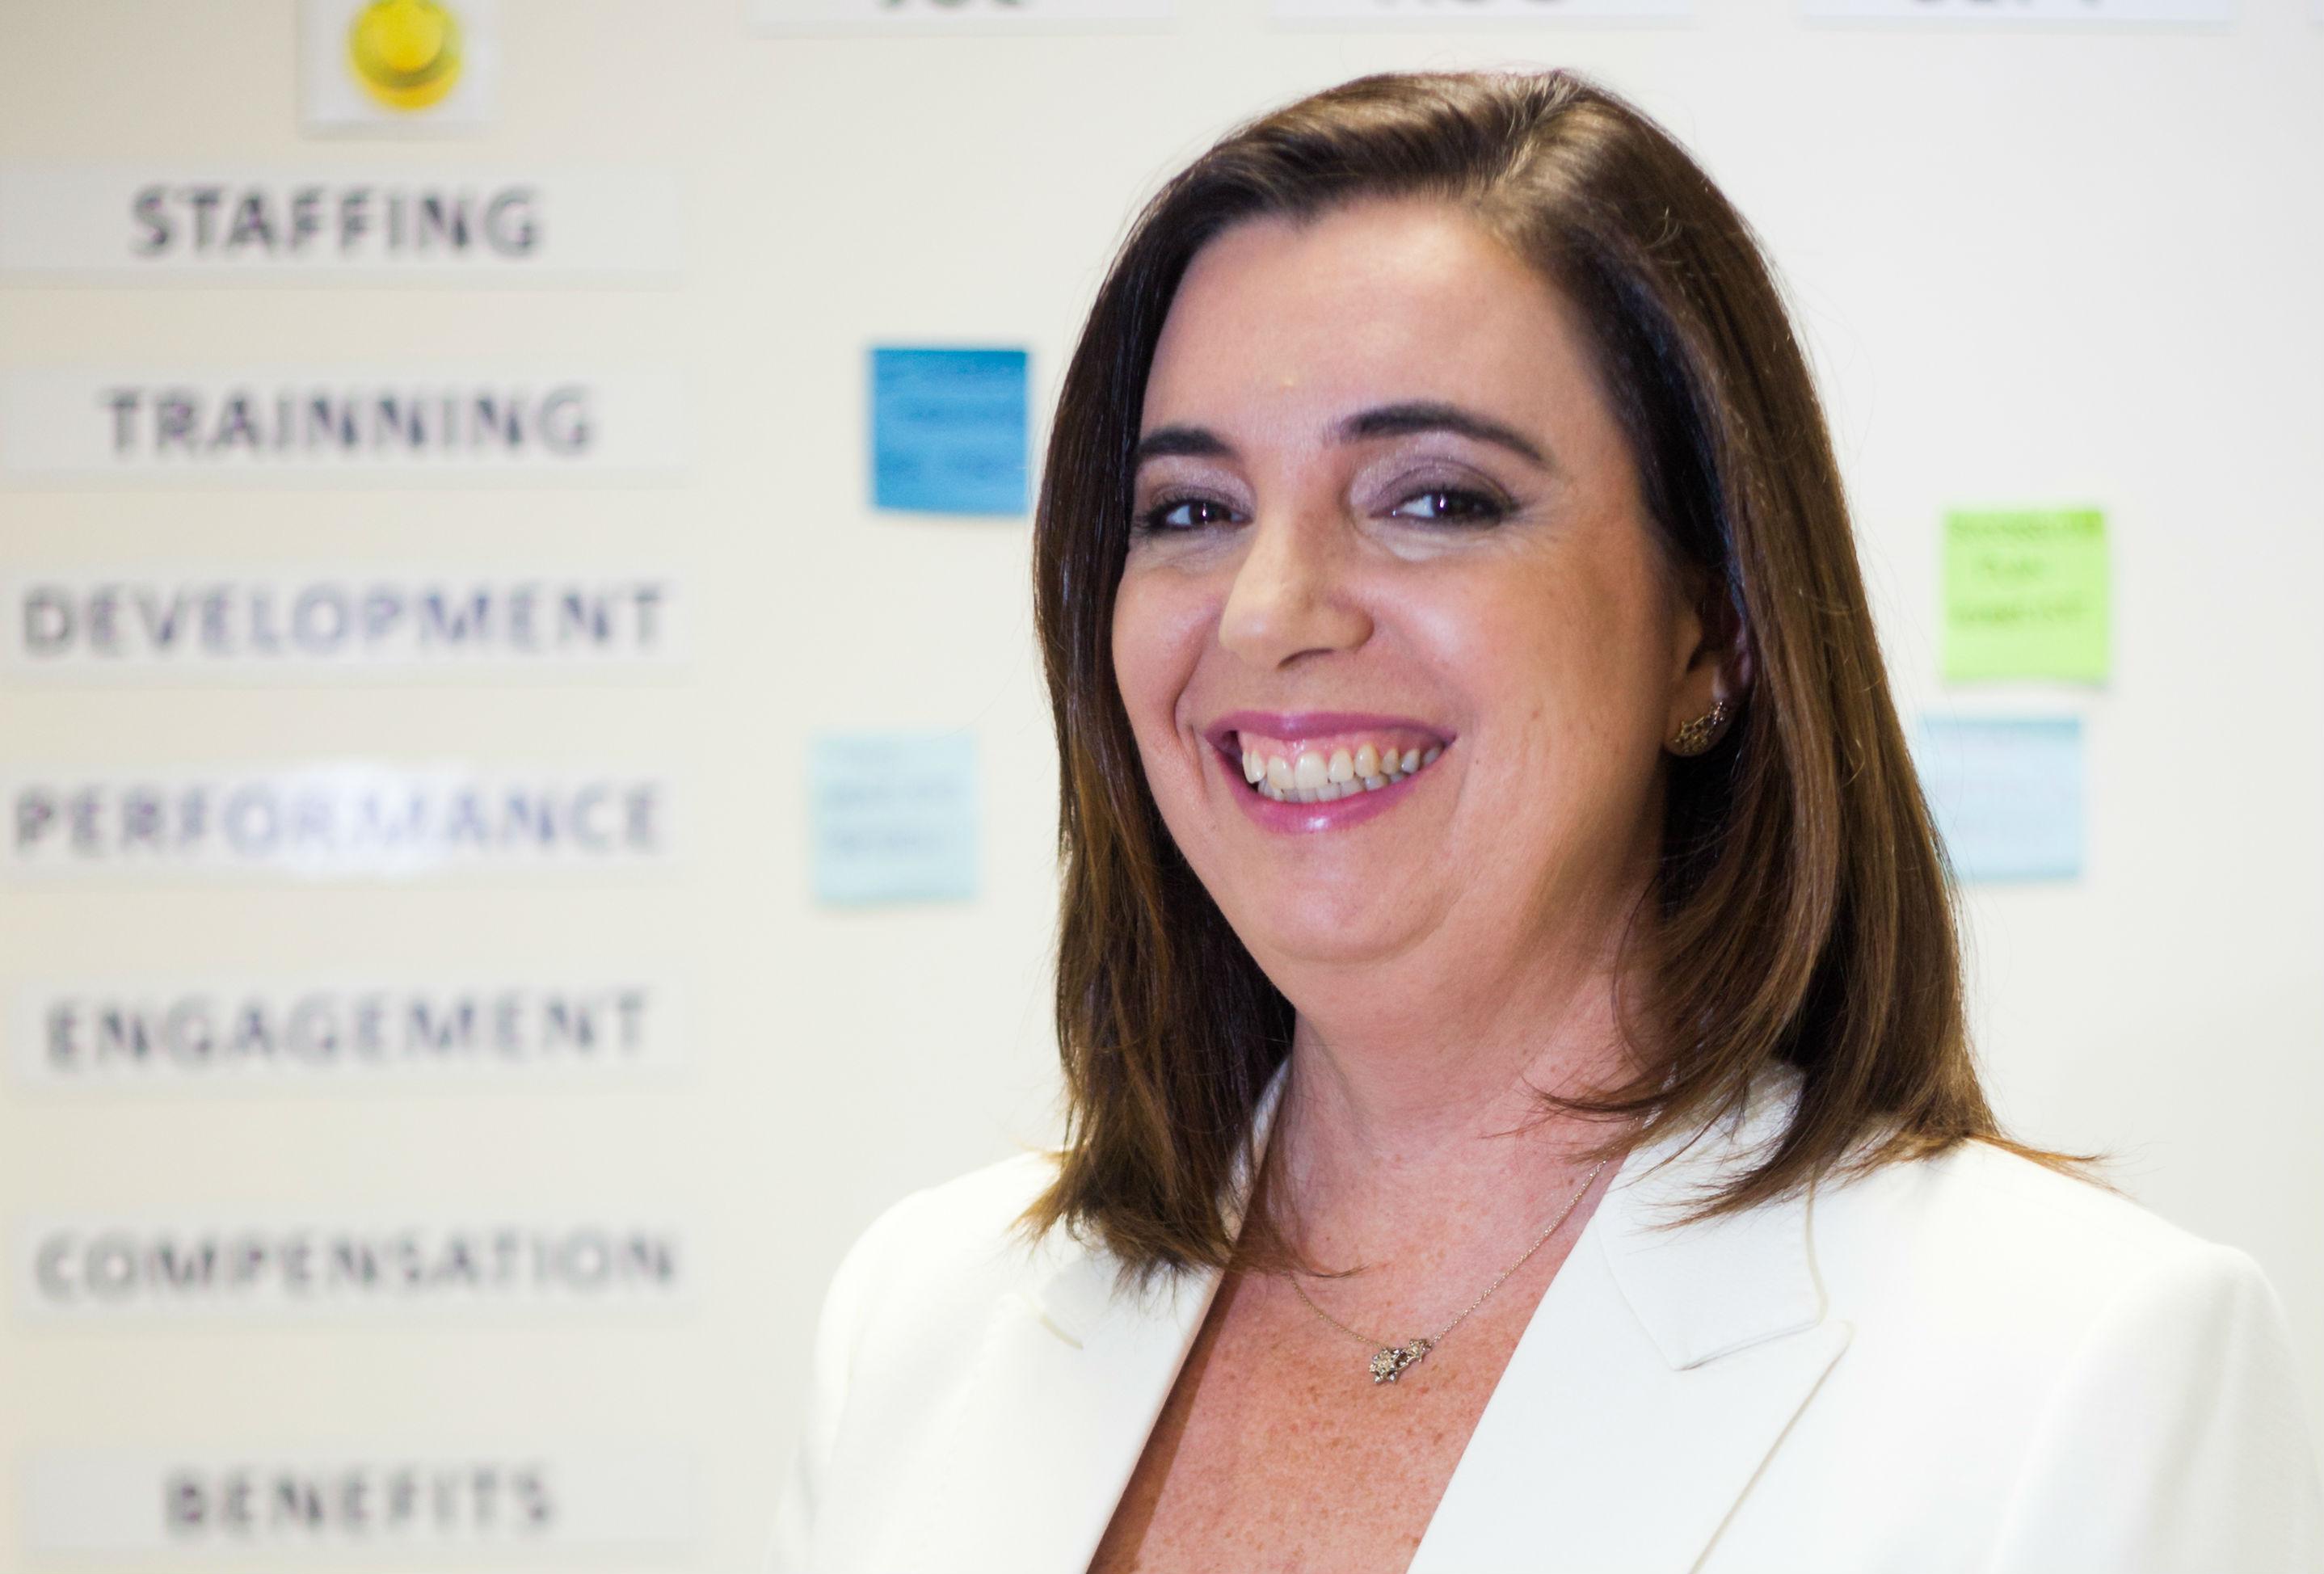 """77% dos respondentes disseram precisar trabalhar em projetos que lhes digam algo"""" - Mariane Guerra"""